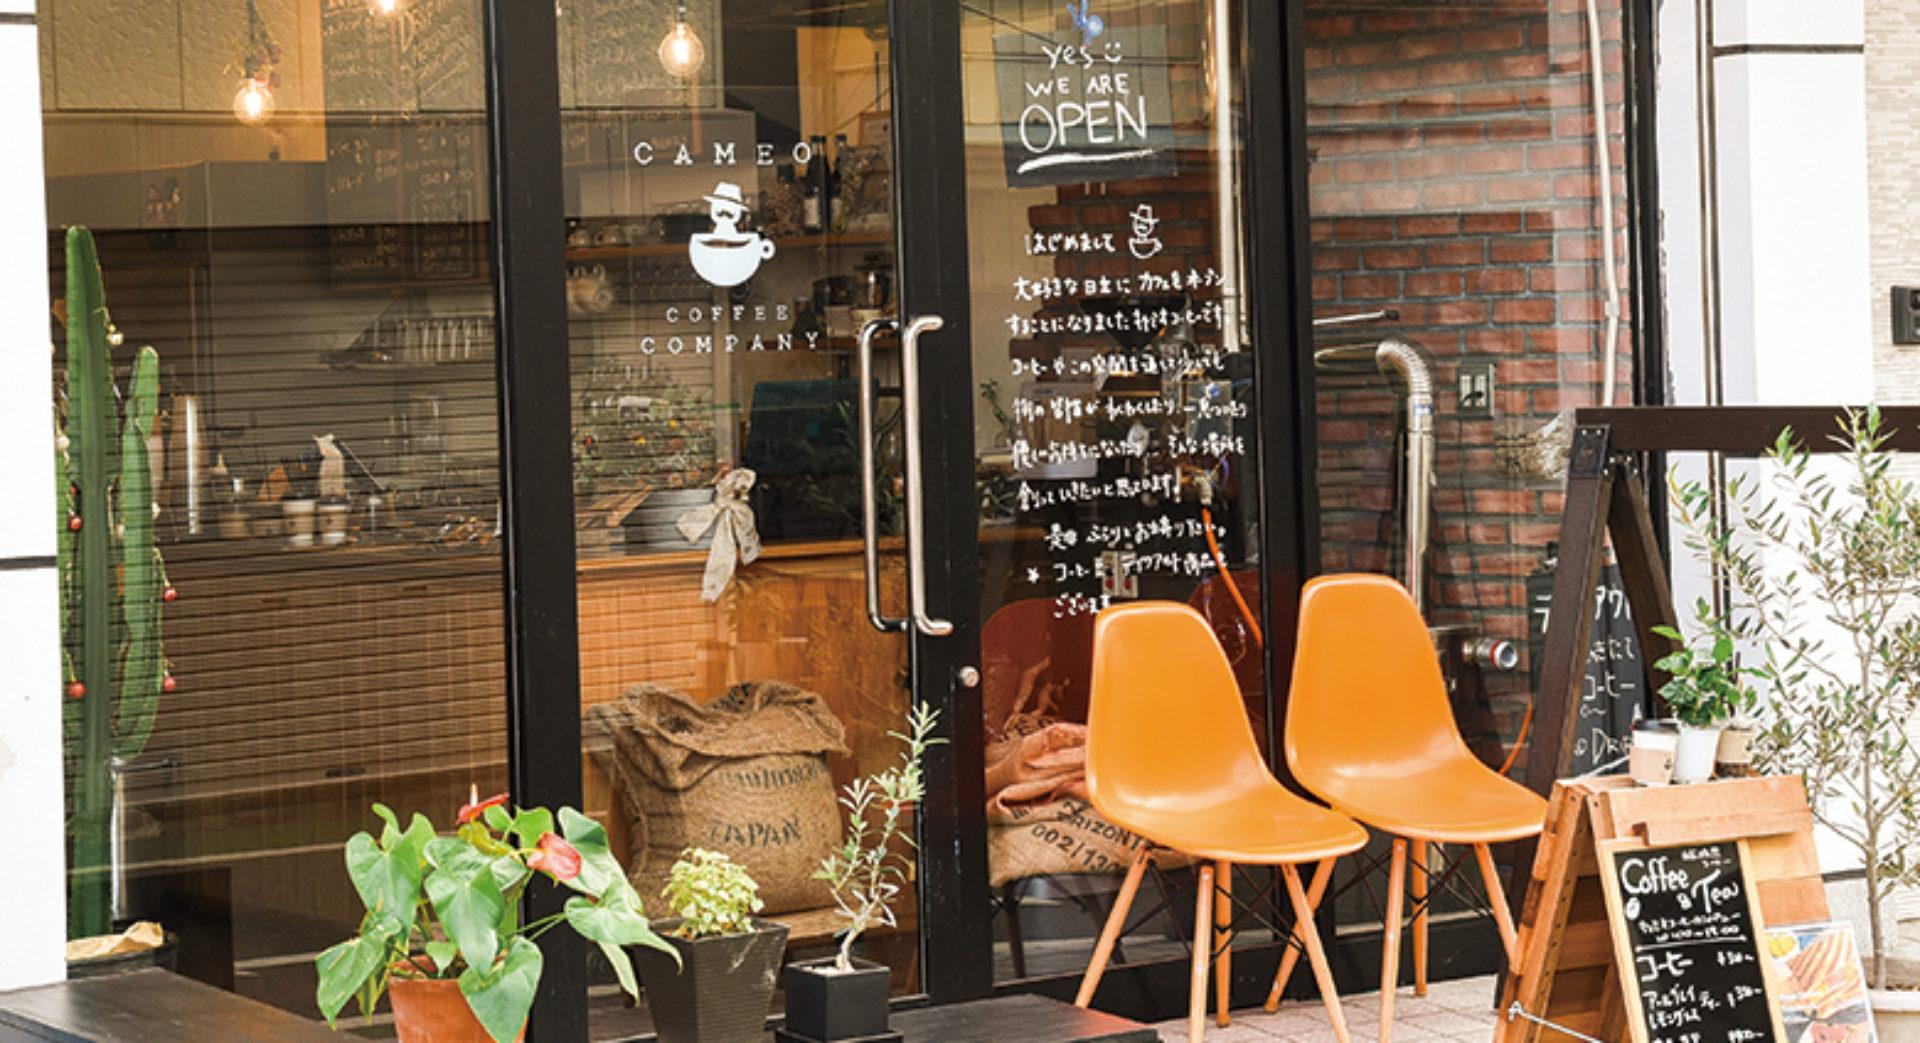 CAMEO COFFEE COMPANY – キャミオコーヒーカンパニー